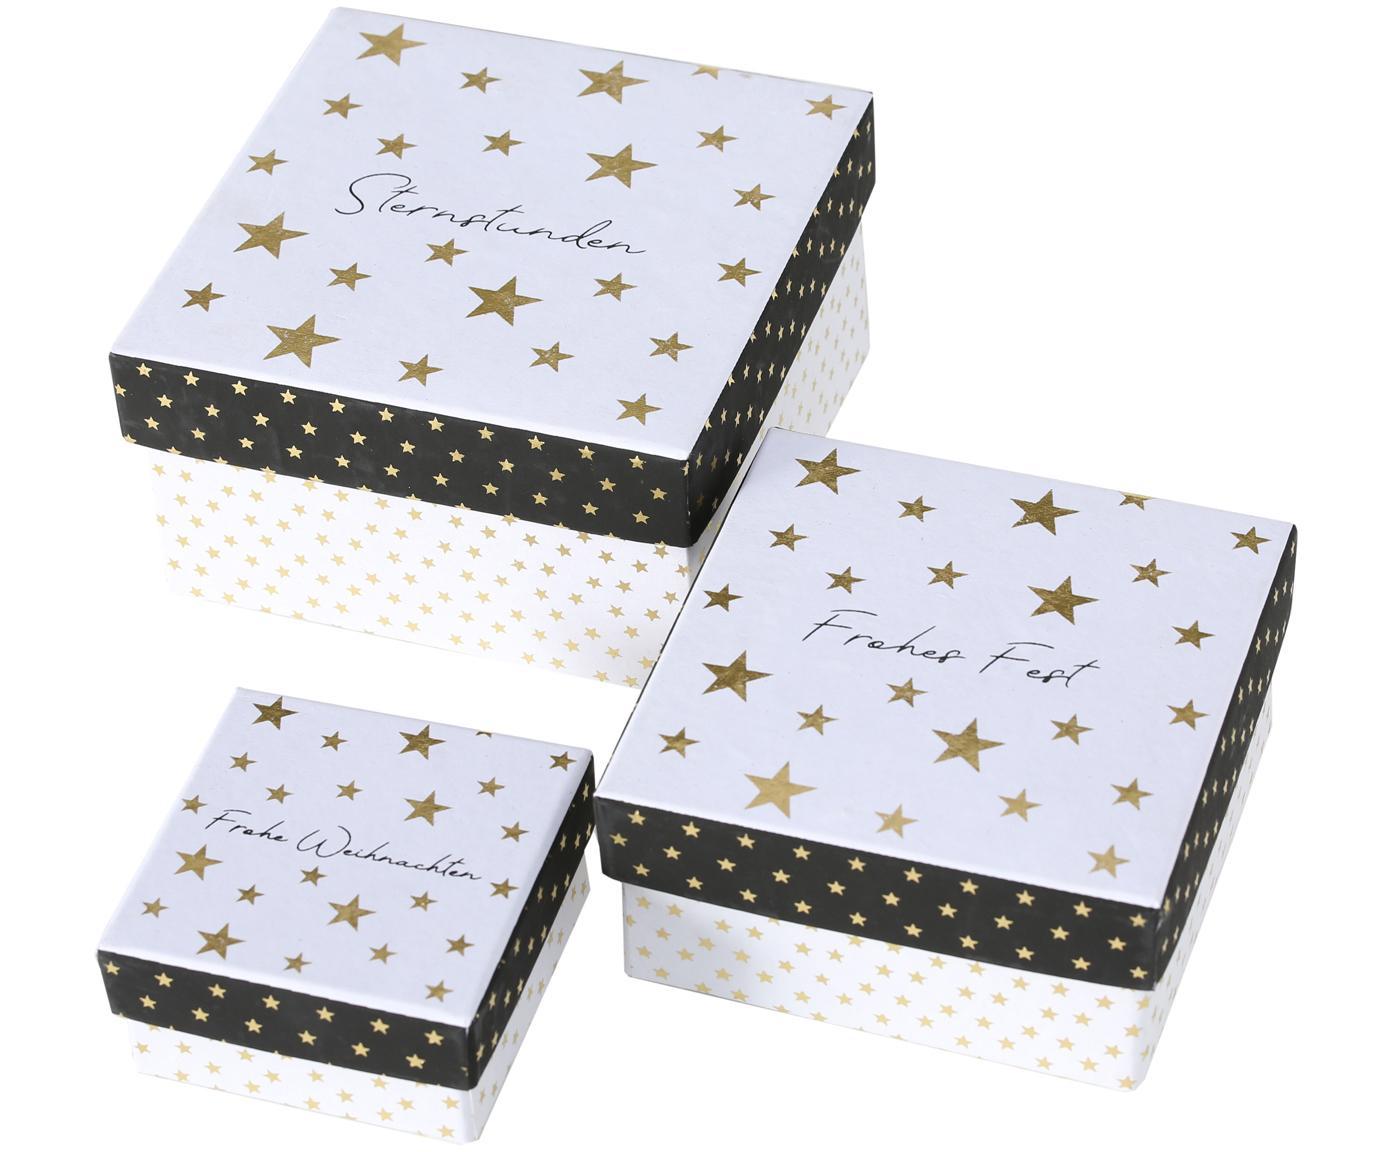 Komplet pudełek prezentowych Nica, 3 elem., Papier, Czarny, biały, odcienie złotego, Różne rozmiary